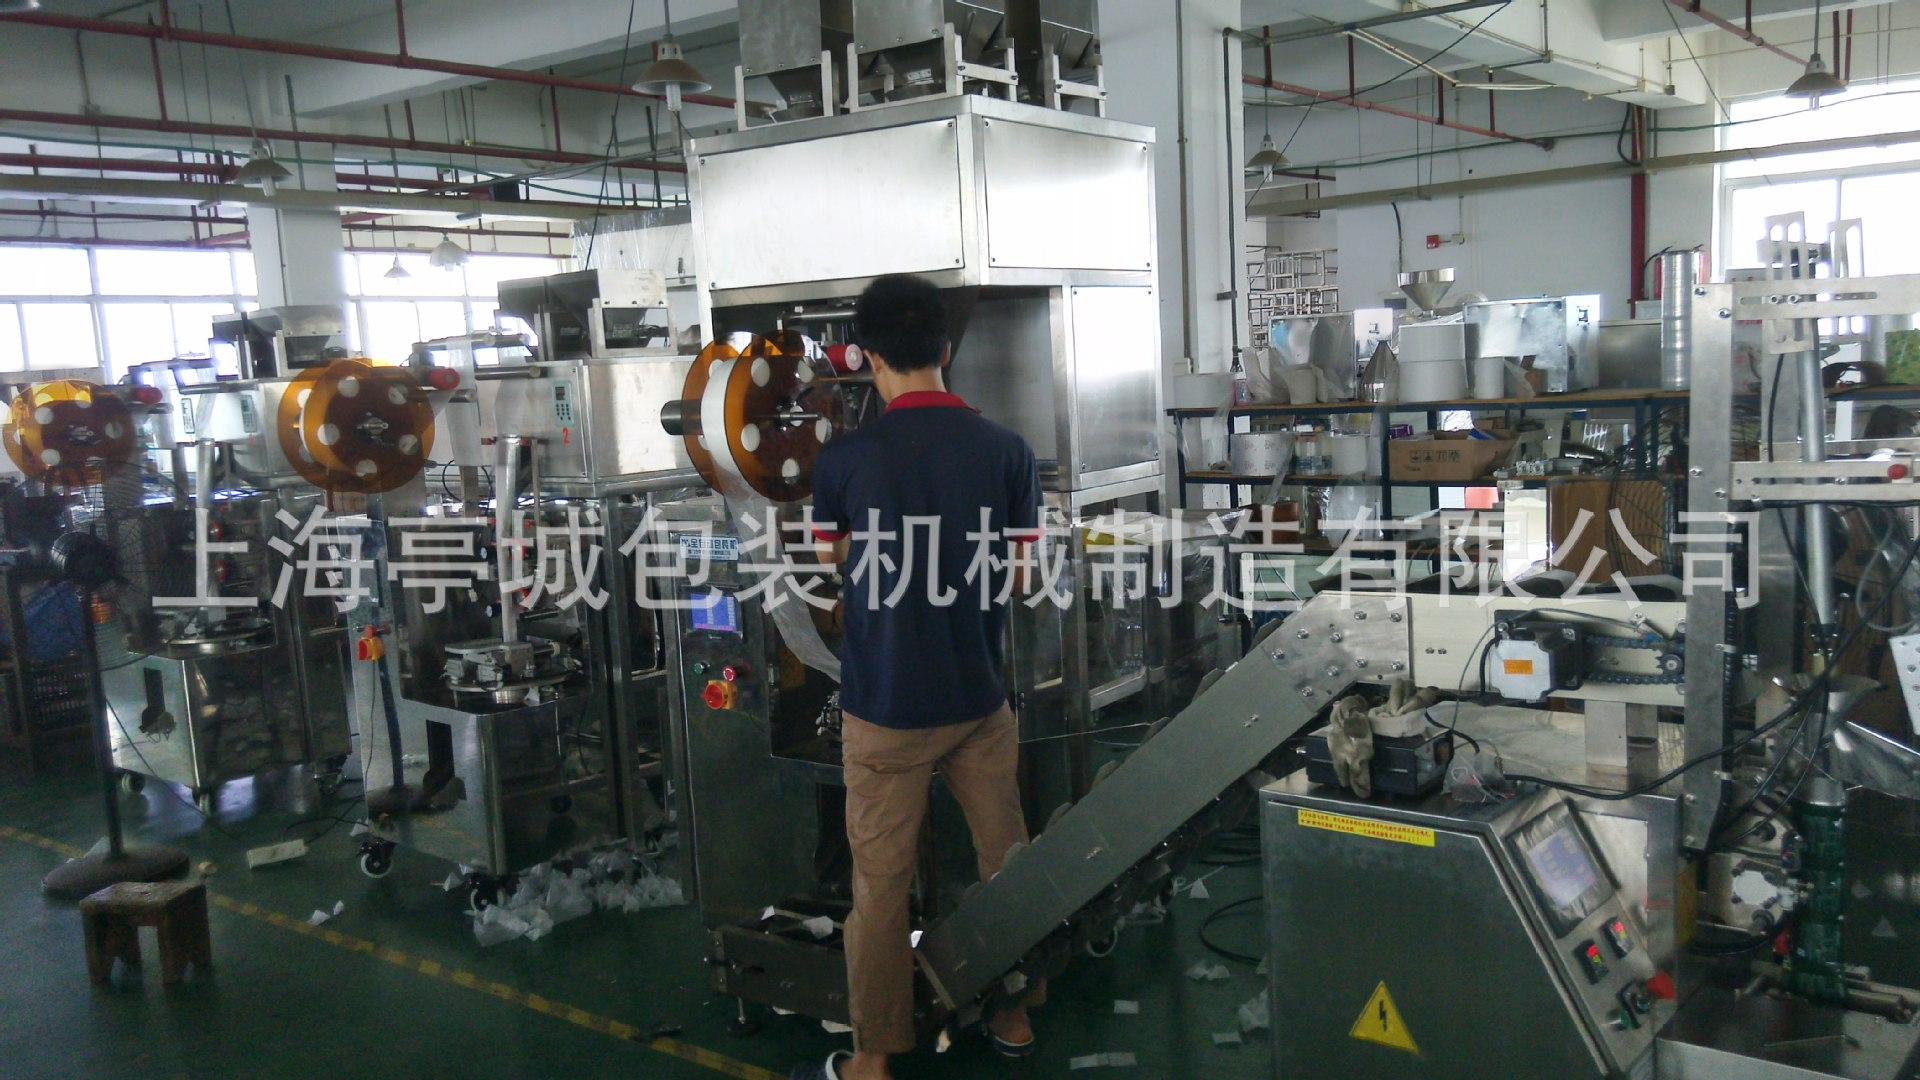 厂家供应全自动超声波无纺布粉剂包装机 颗粒无纺布超声波包装机示例图13